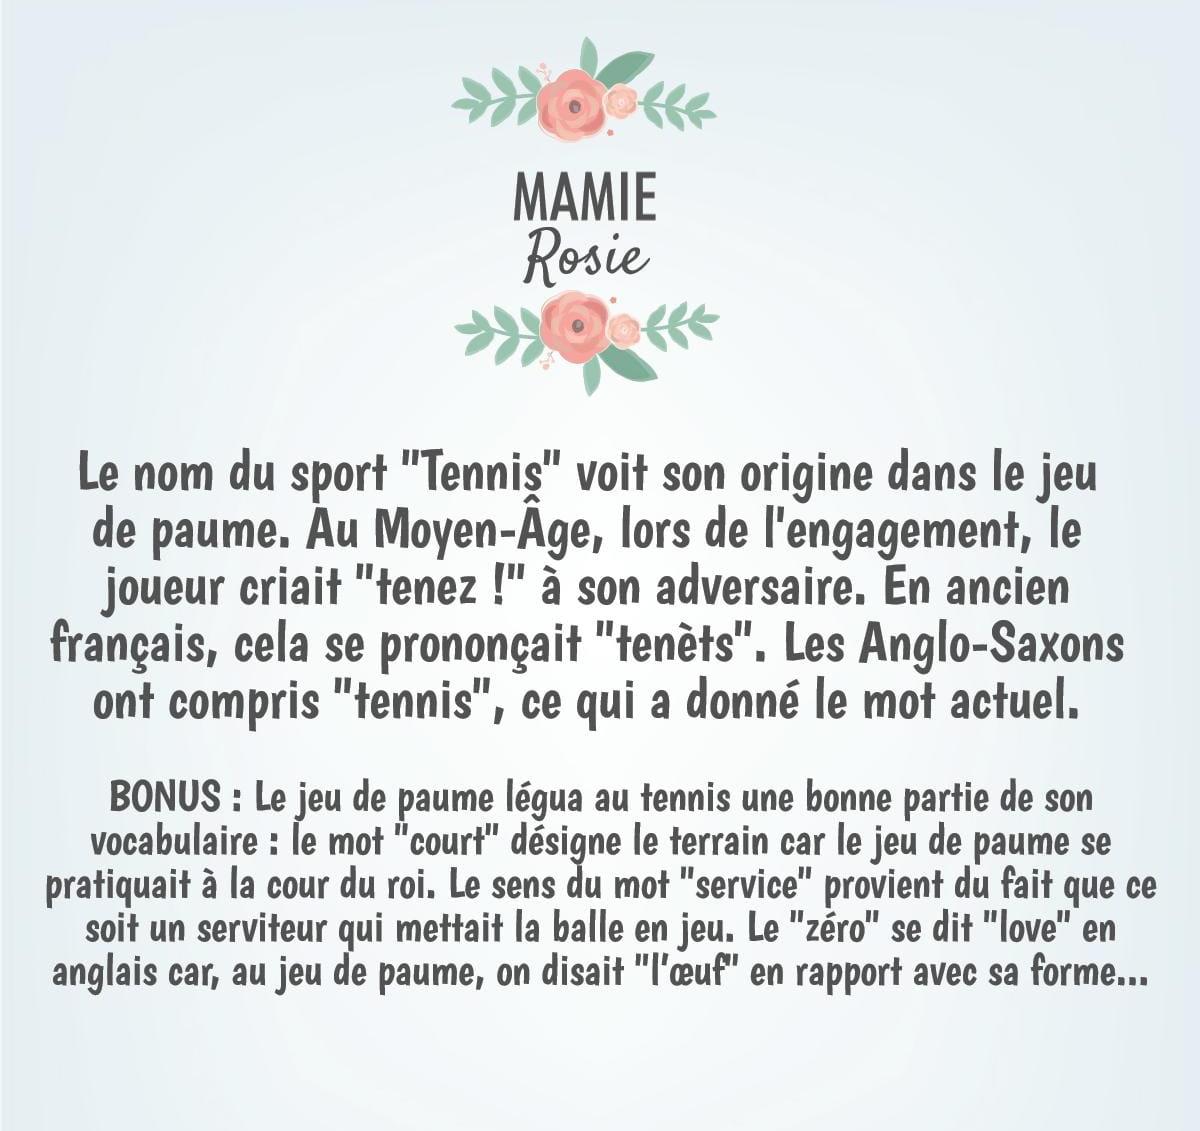 Accessoires Salle De Bain Lorient ~ Les Mots De Mamie Rosie Tymologies Et Anecdotes Etymologie